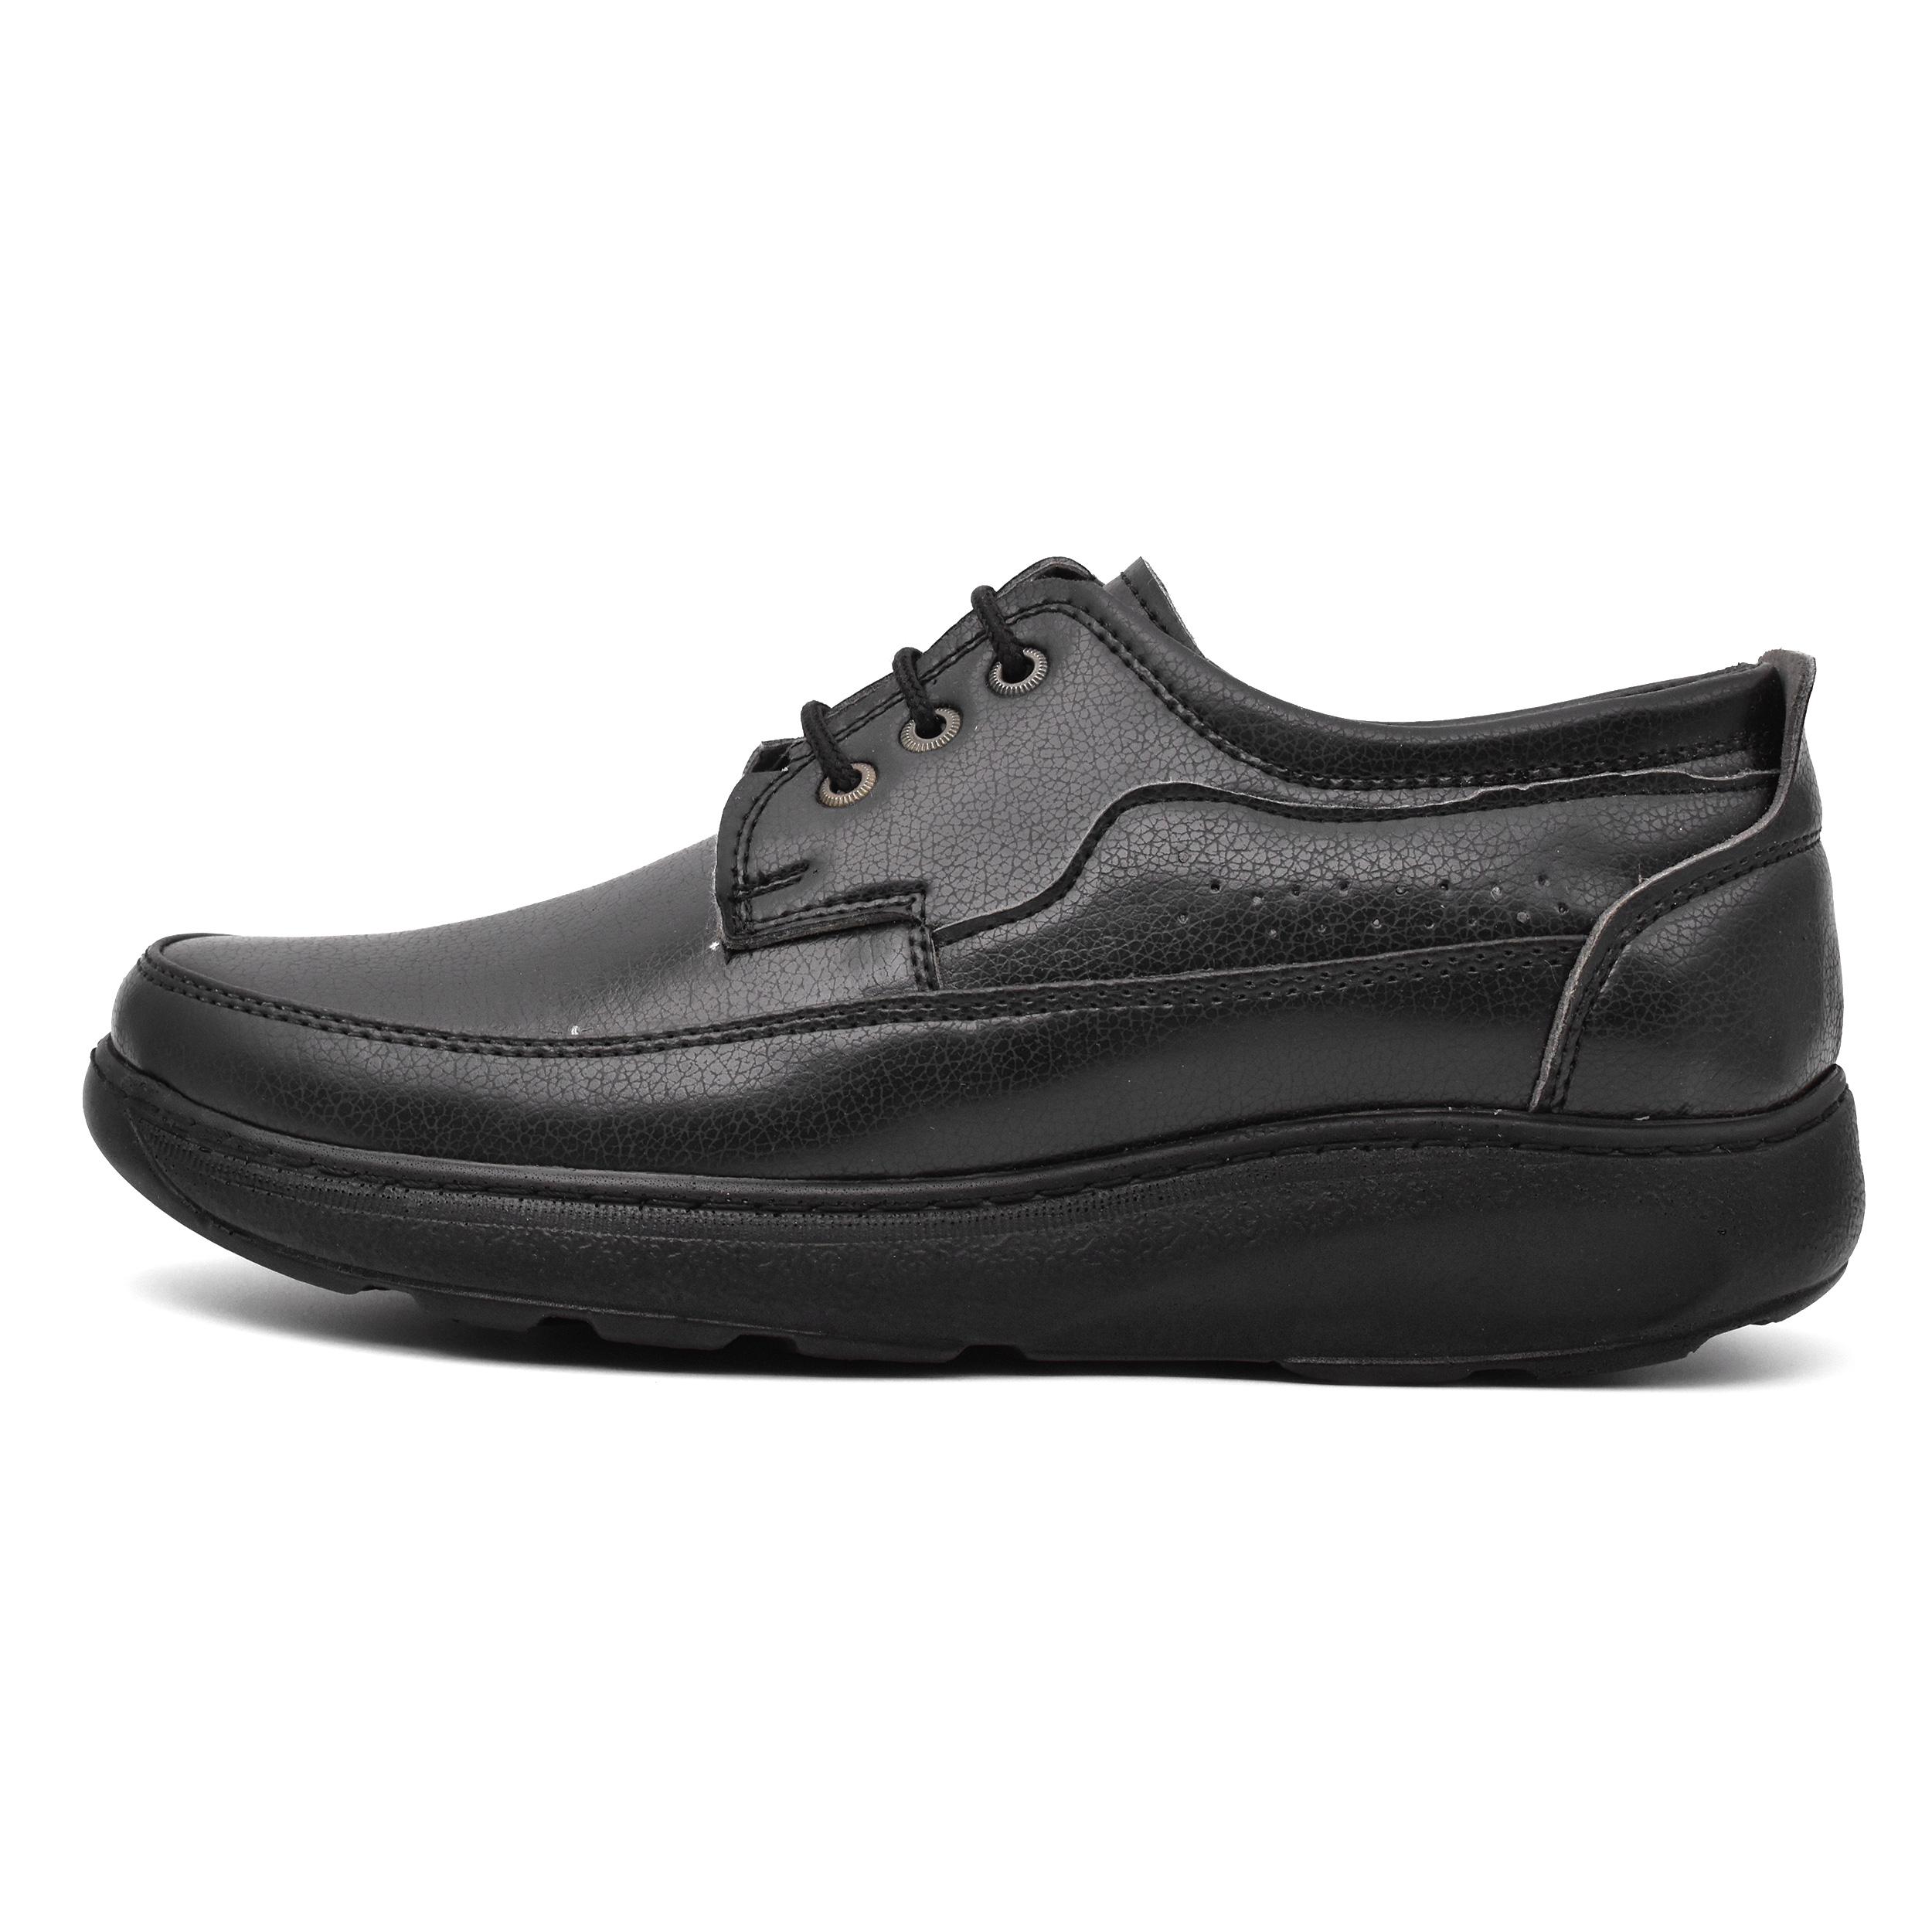 کفش روزمره مردانه مدل کیا کد 6547